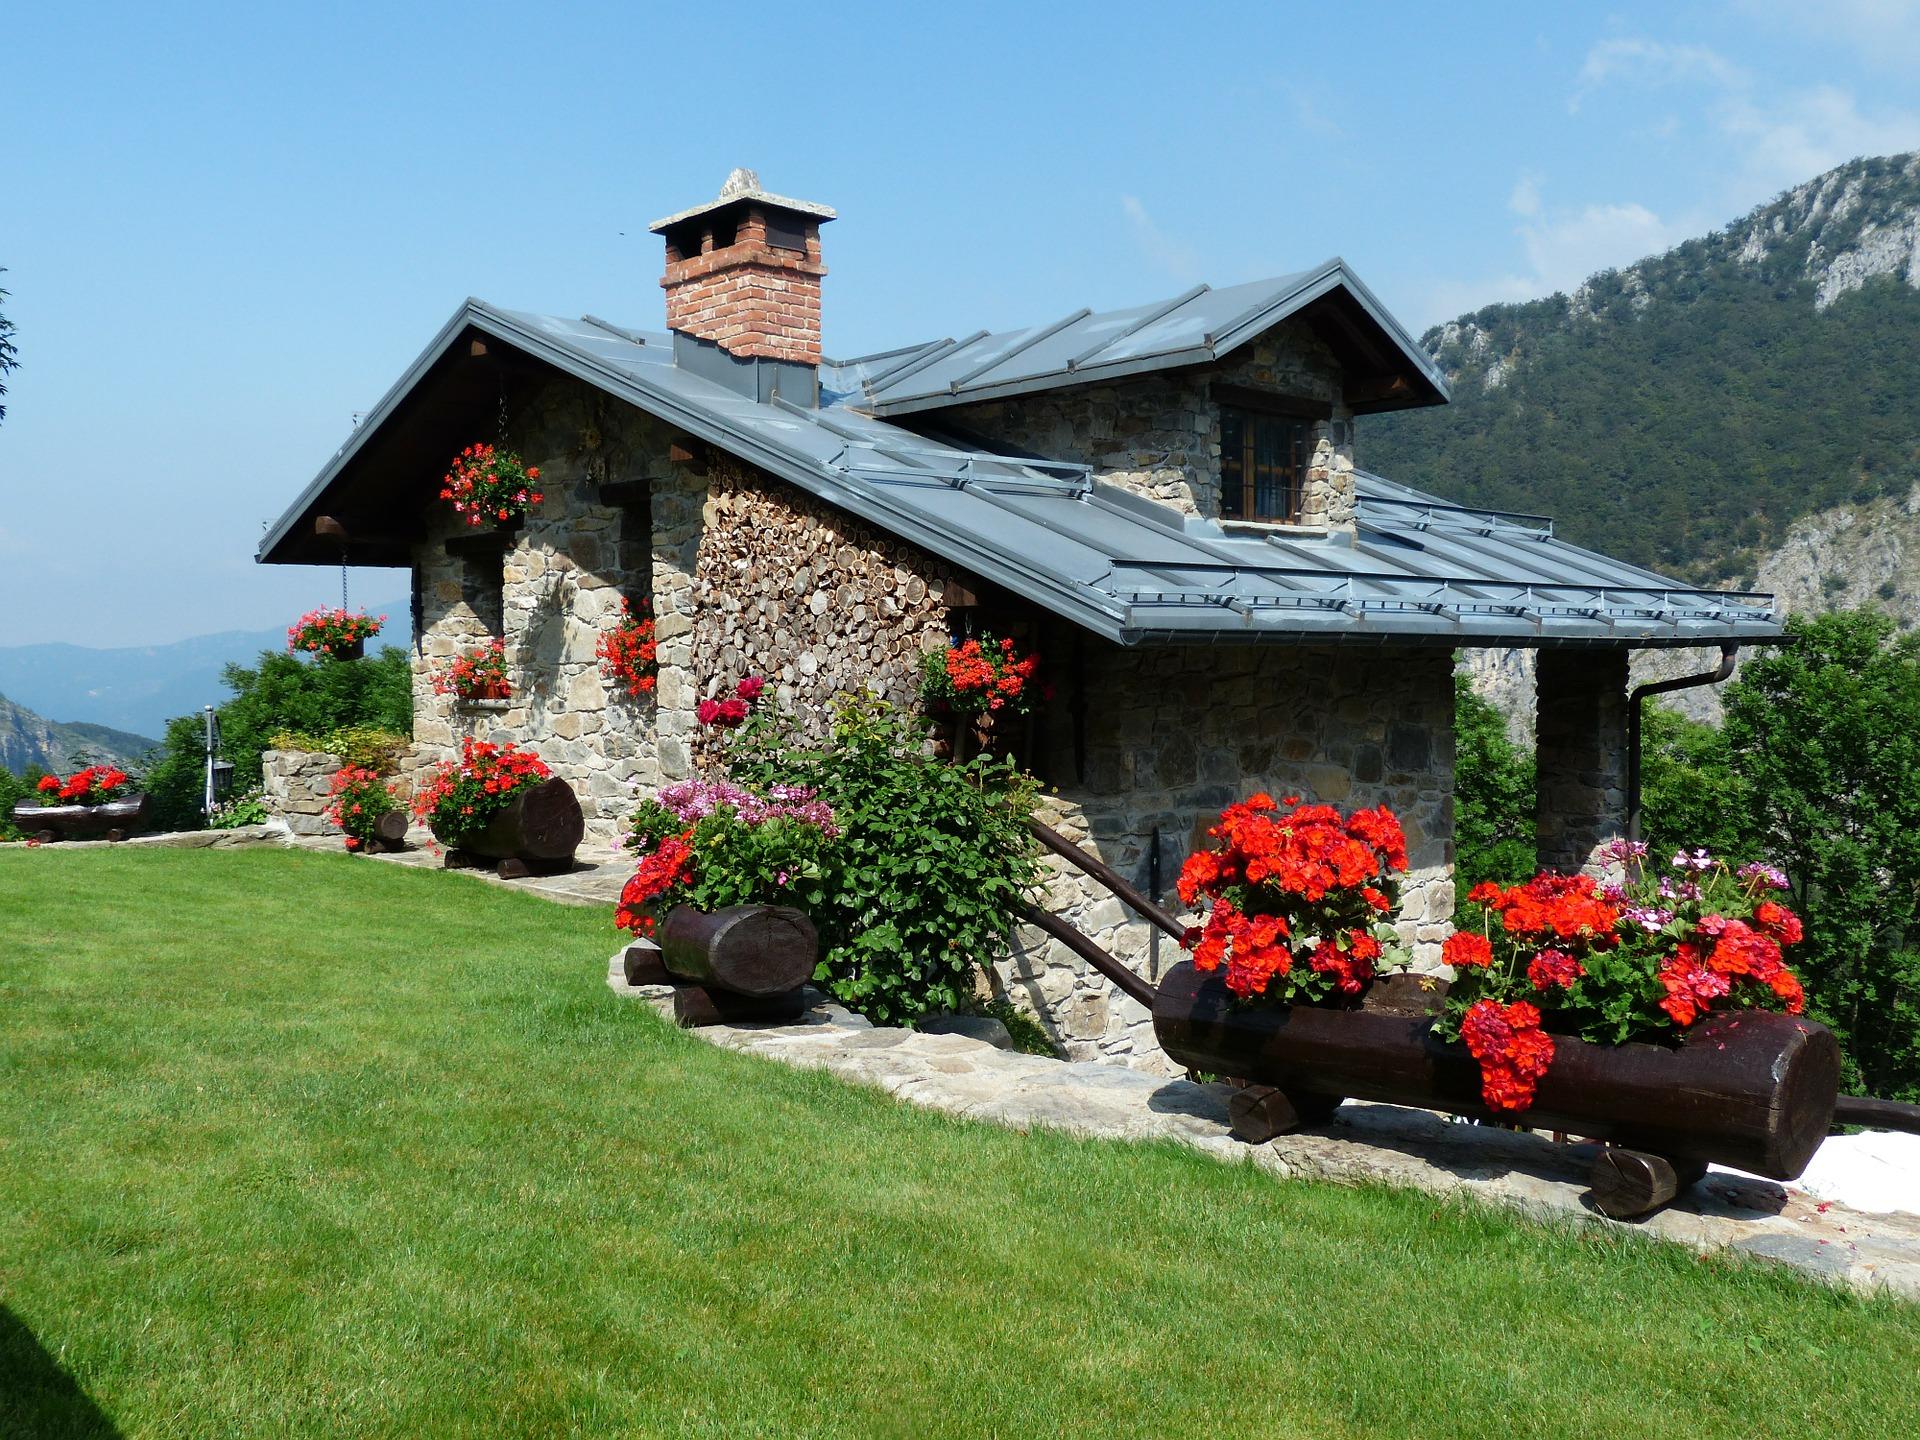 Кусты пеларгонии, перенесенные в клумбы - отличное дизайнерского решение для двора домика в горах